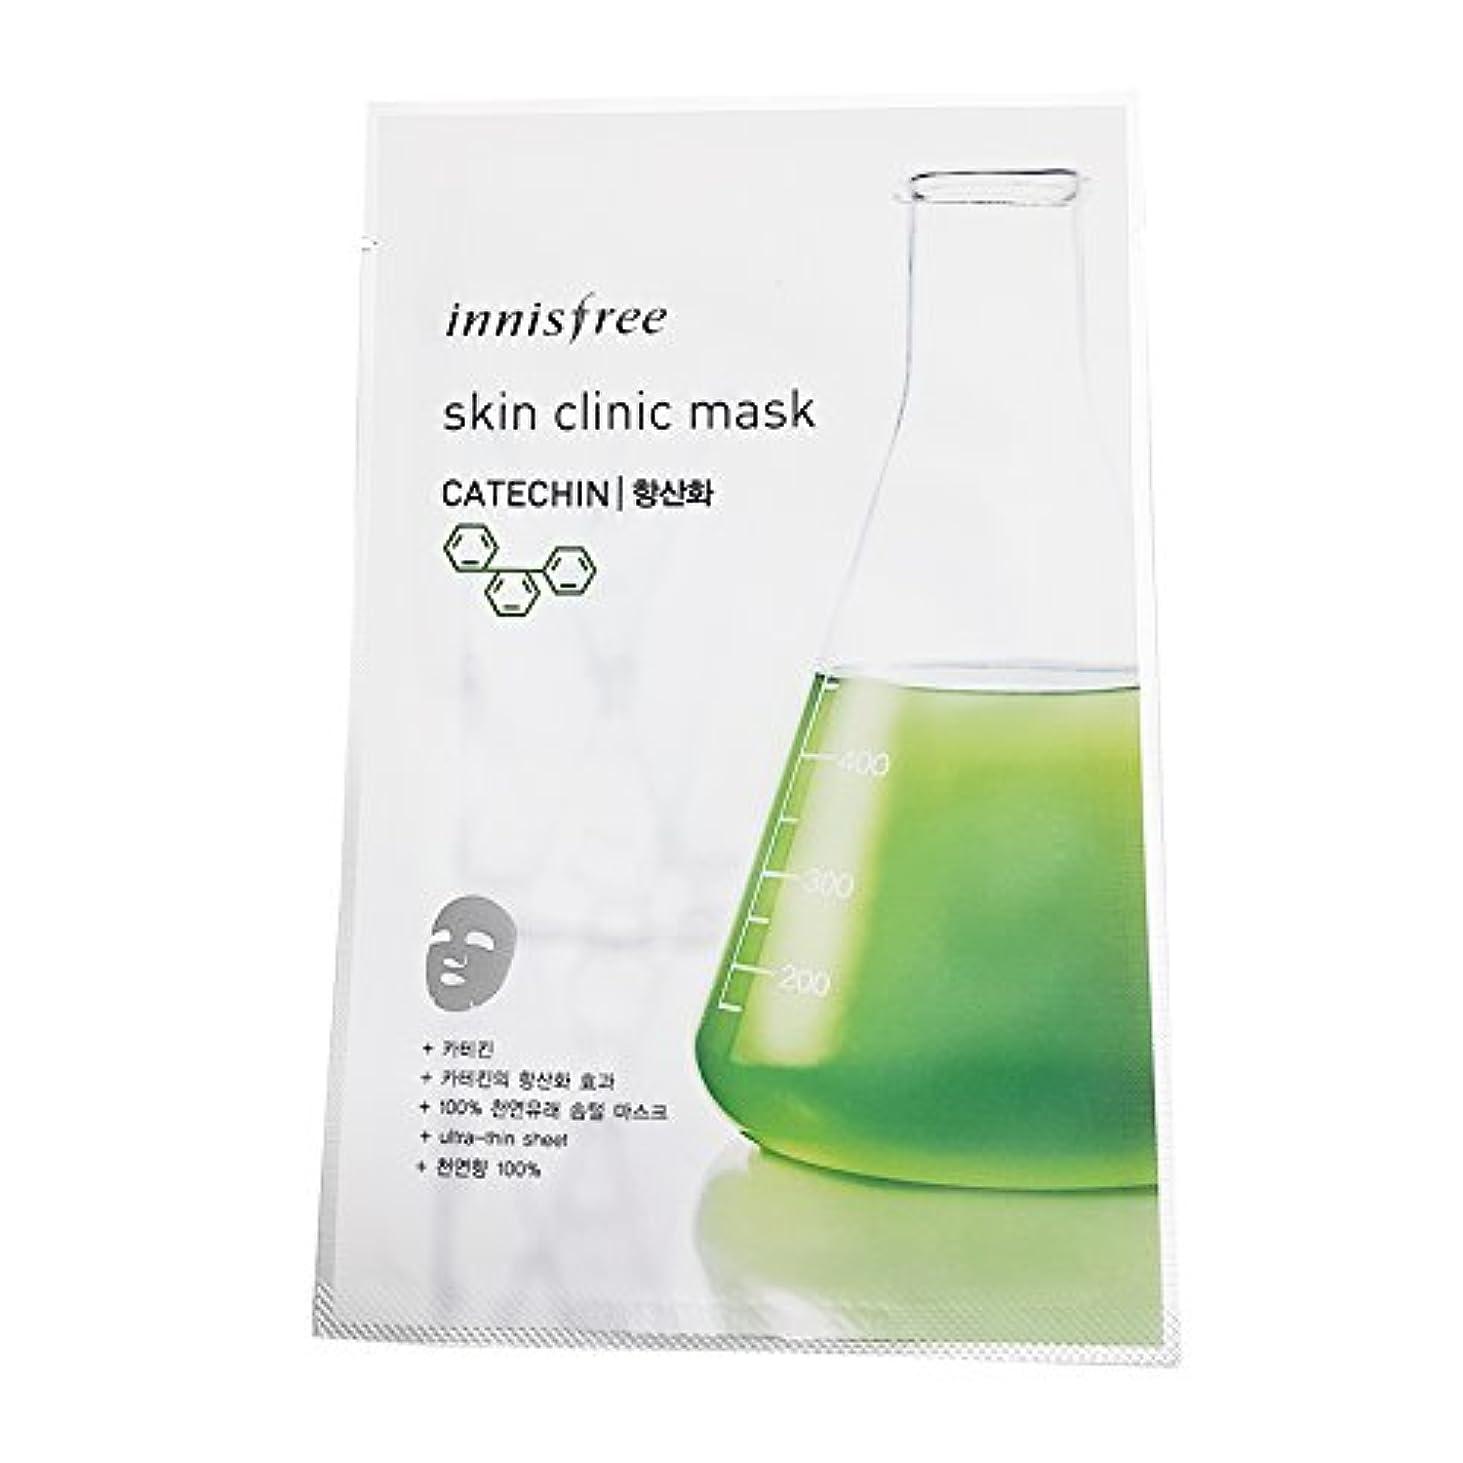 情熱マーガレットミッチェル量で[イニスプリー] Innisfree スキンクリニックマスク(20ml)-カテキン(抗酸化用) Innisfree Skin Clinic Mask(20ml)-Catechin for Antioxidant Effect...